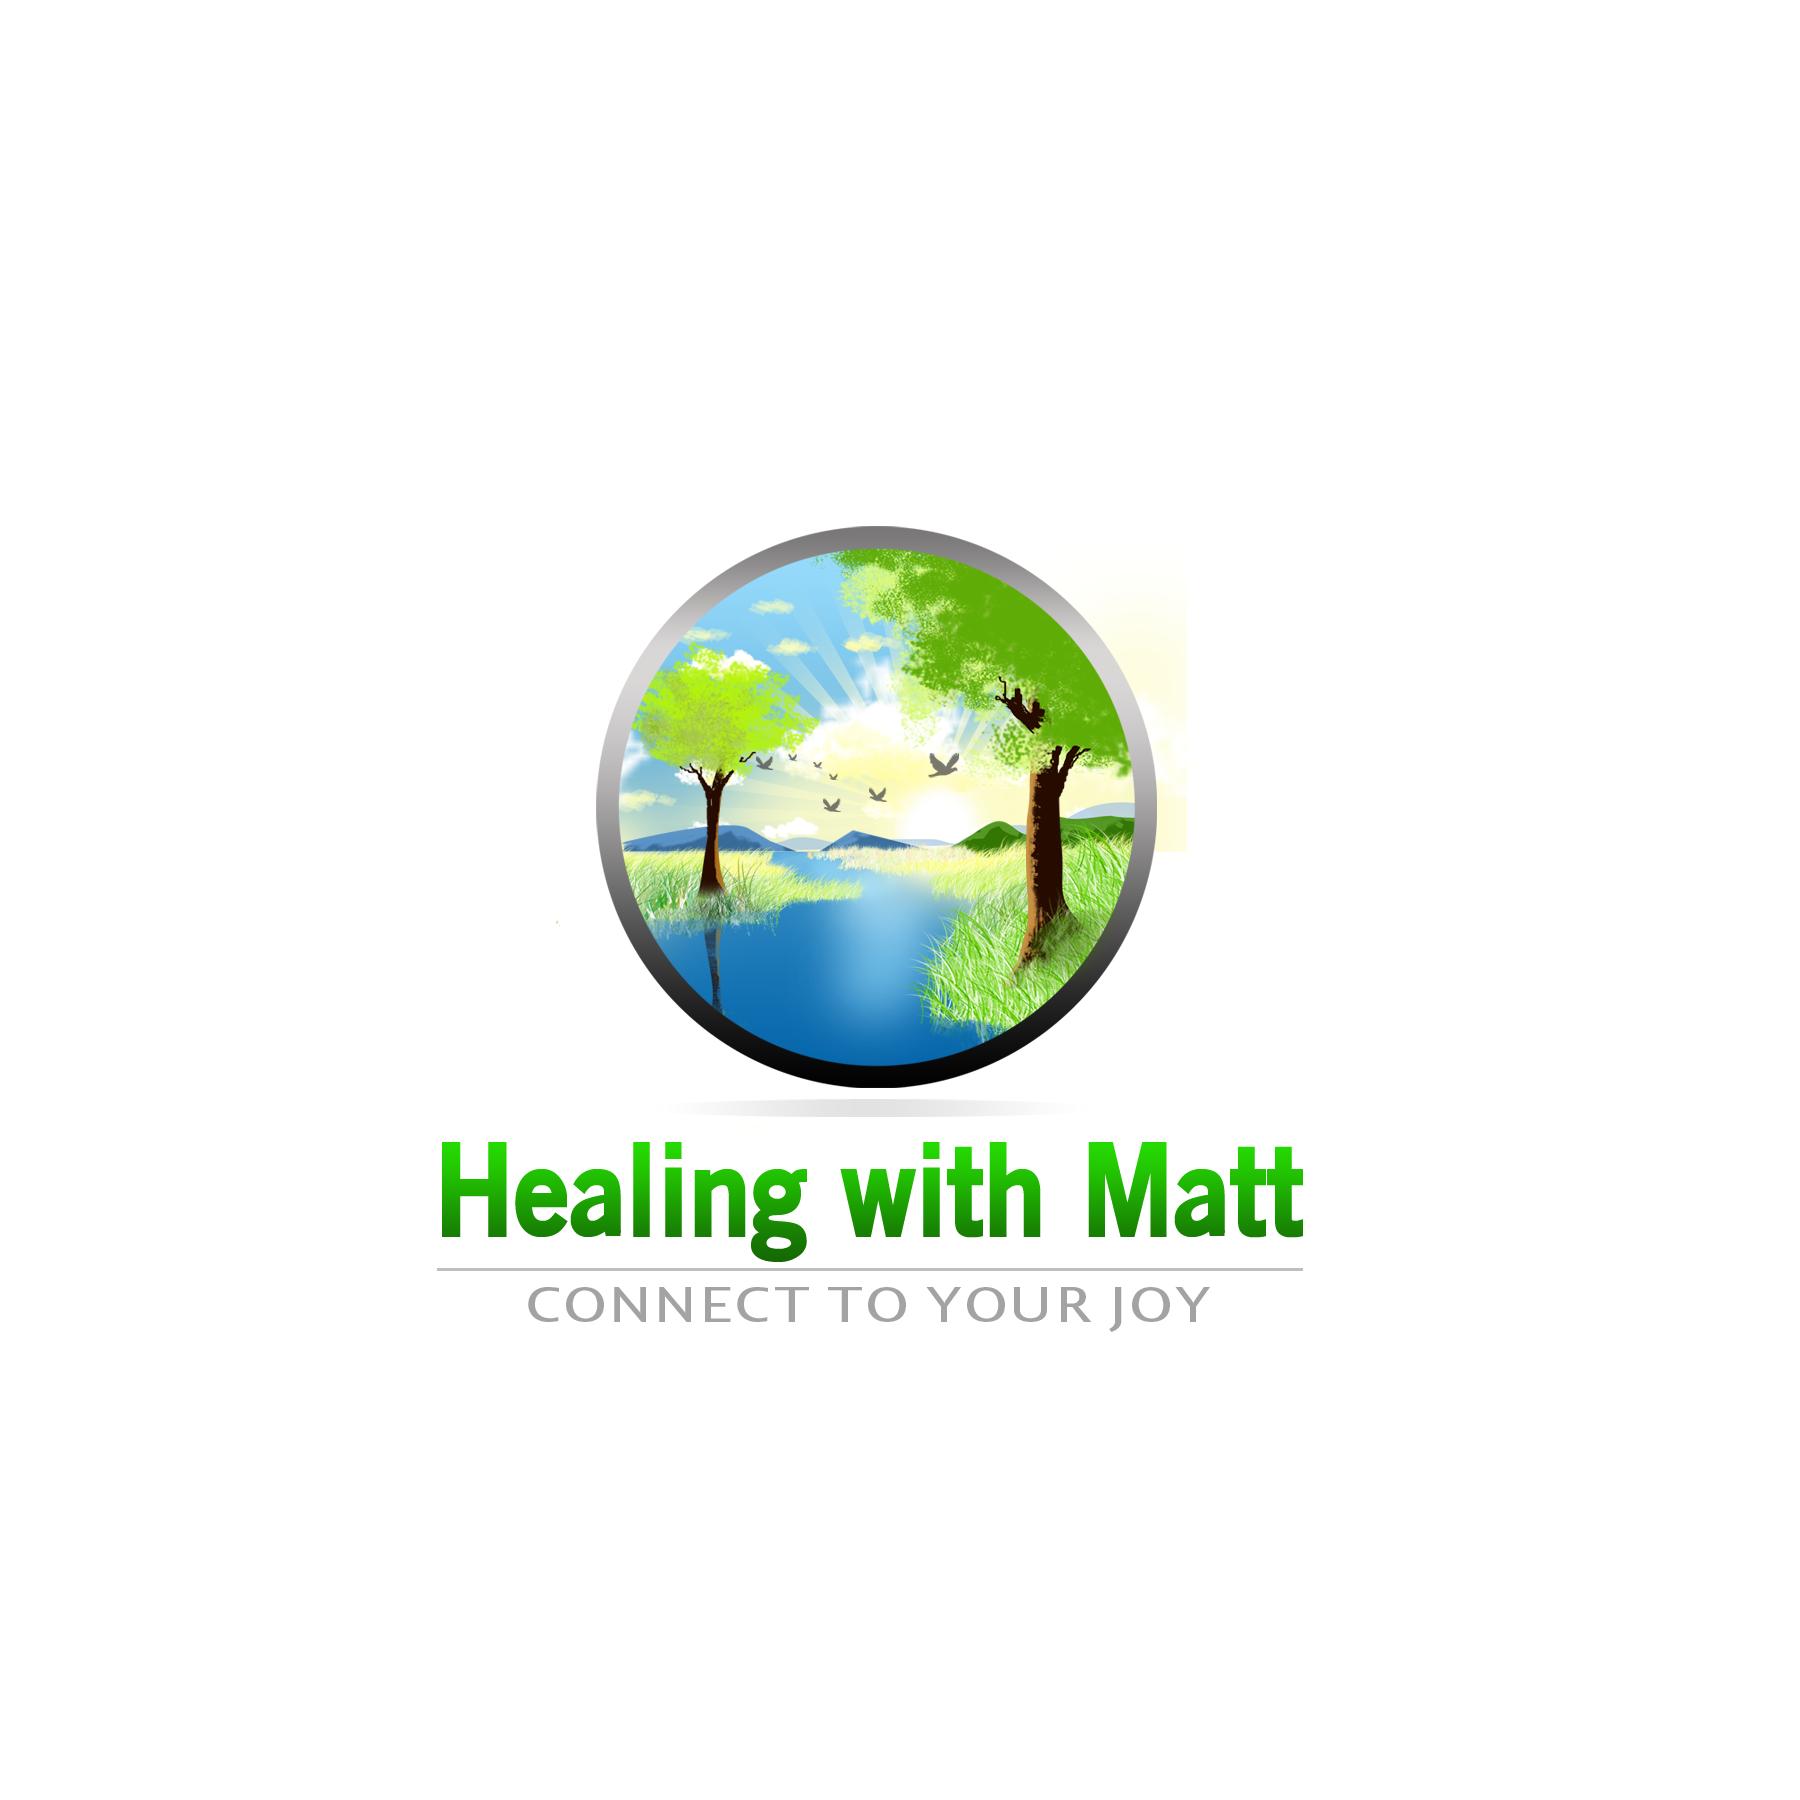 Logo Design by Allan Esclamado - Entry No. 113 in the Logo Design Contest Captivating Logo Design for Healing with Matt.